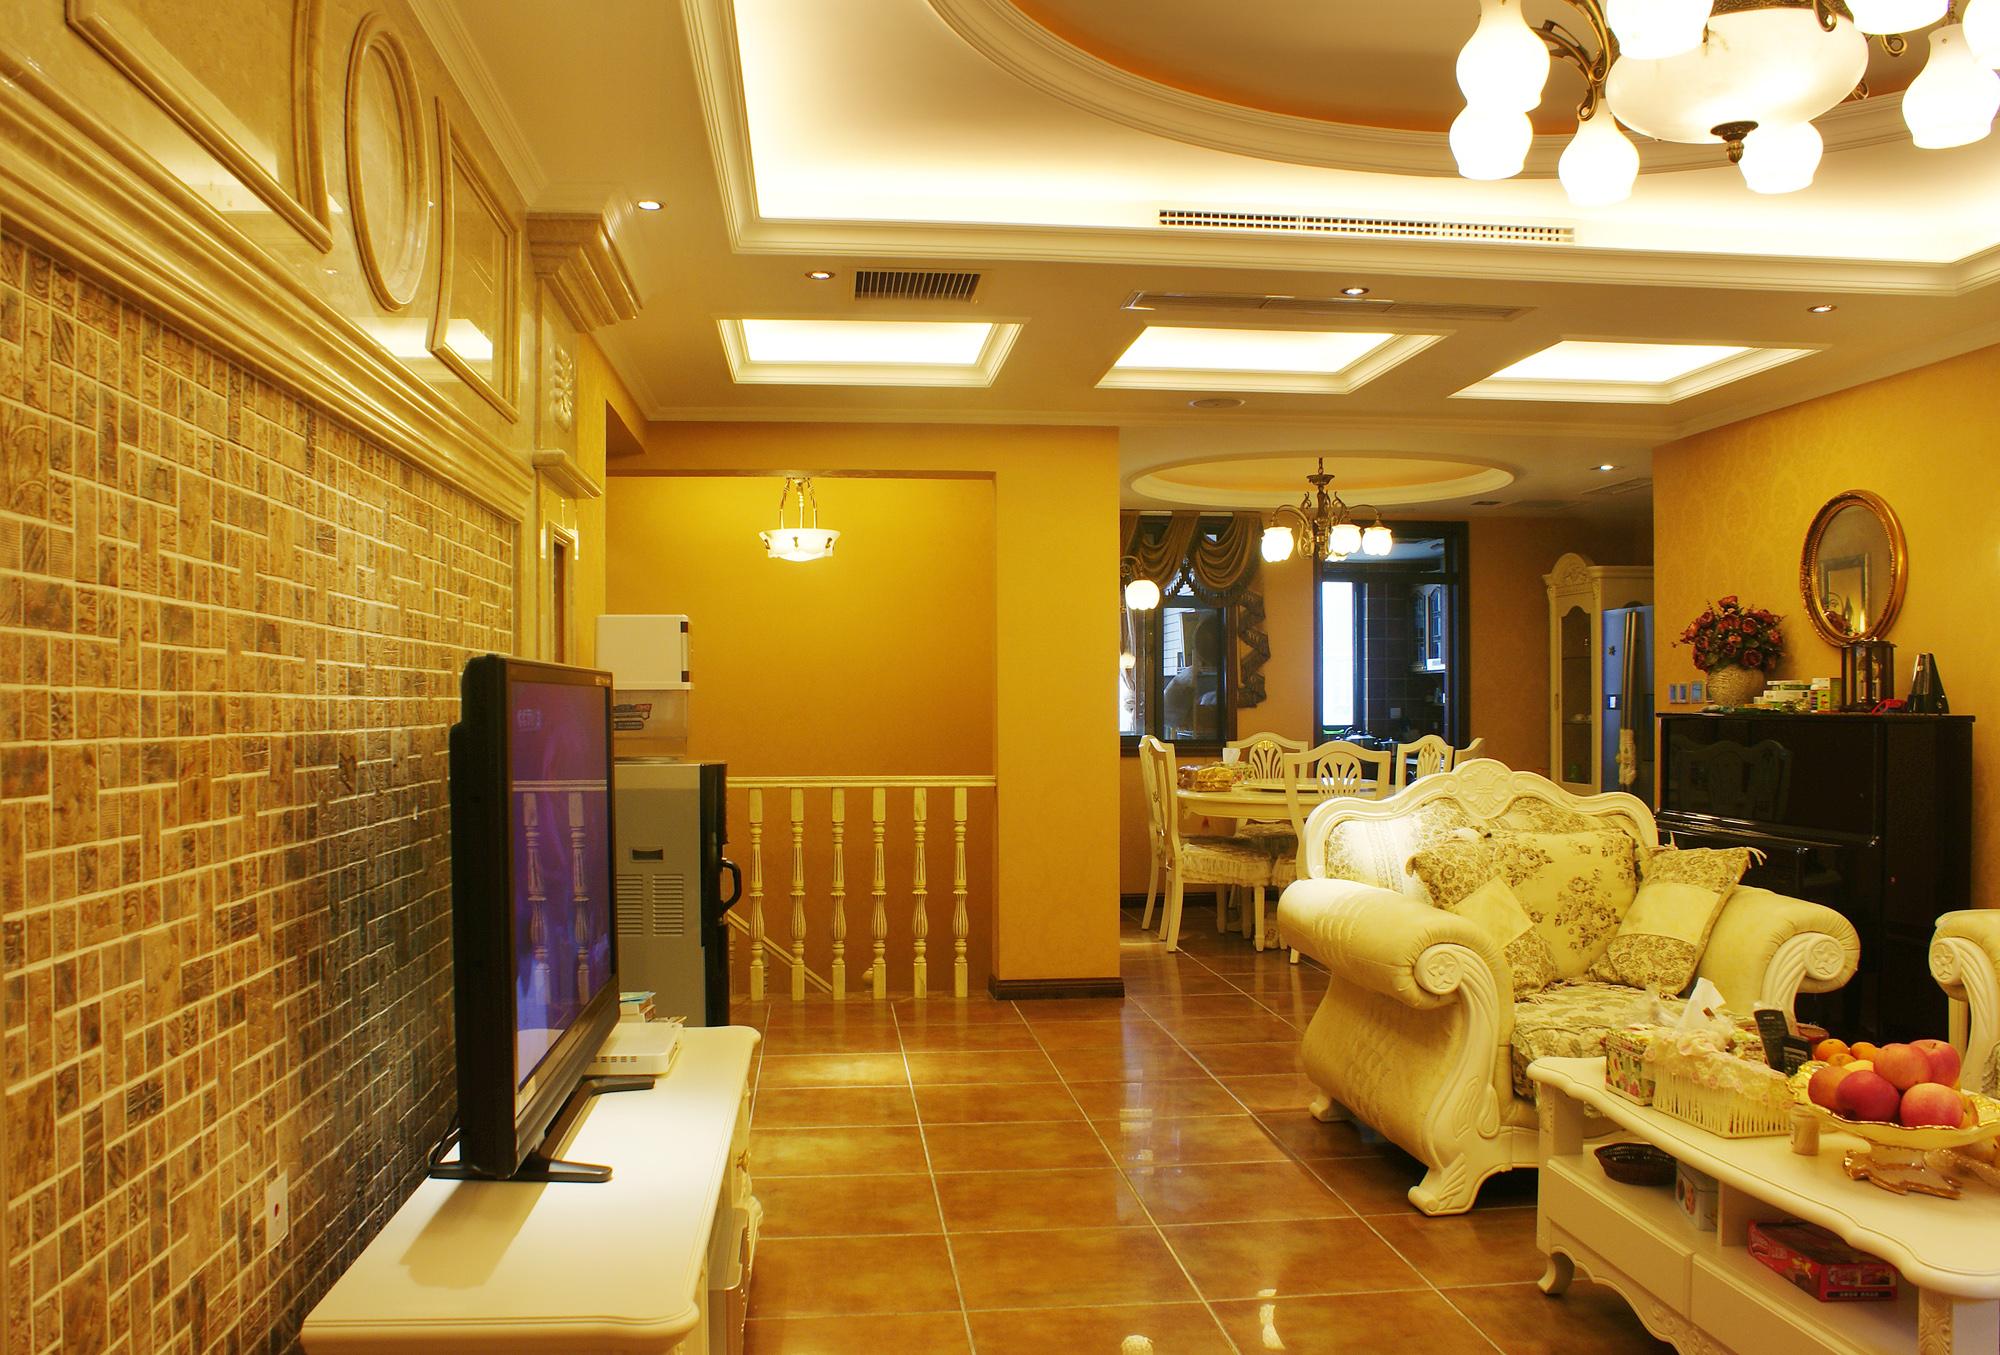 客厅装修效果图 五种风格领略不一样的温馨